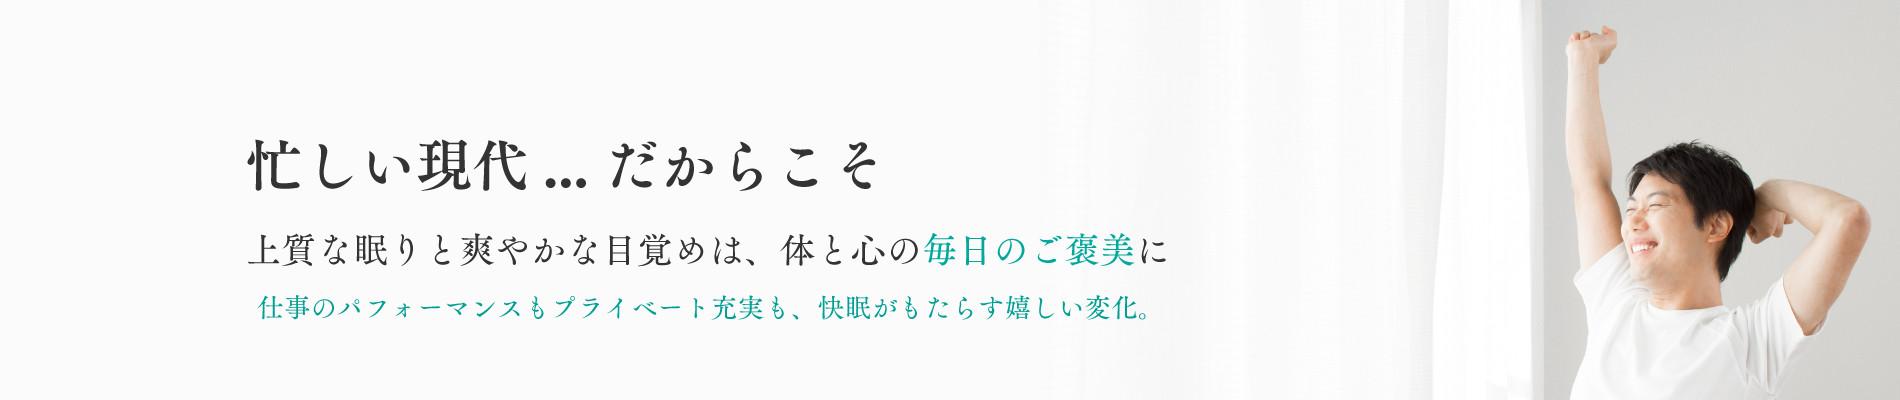 スポーツ選手が選んだマットレス 東京西川のAIRエアー